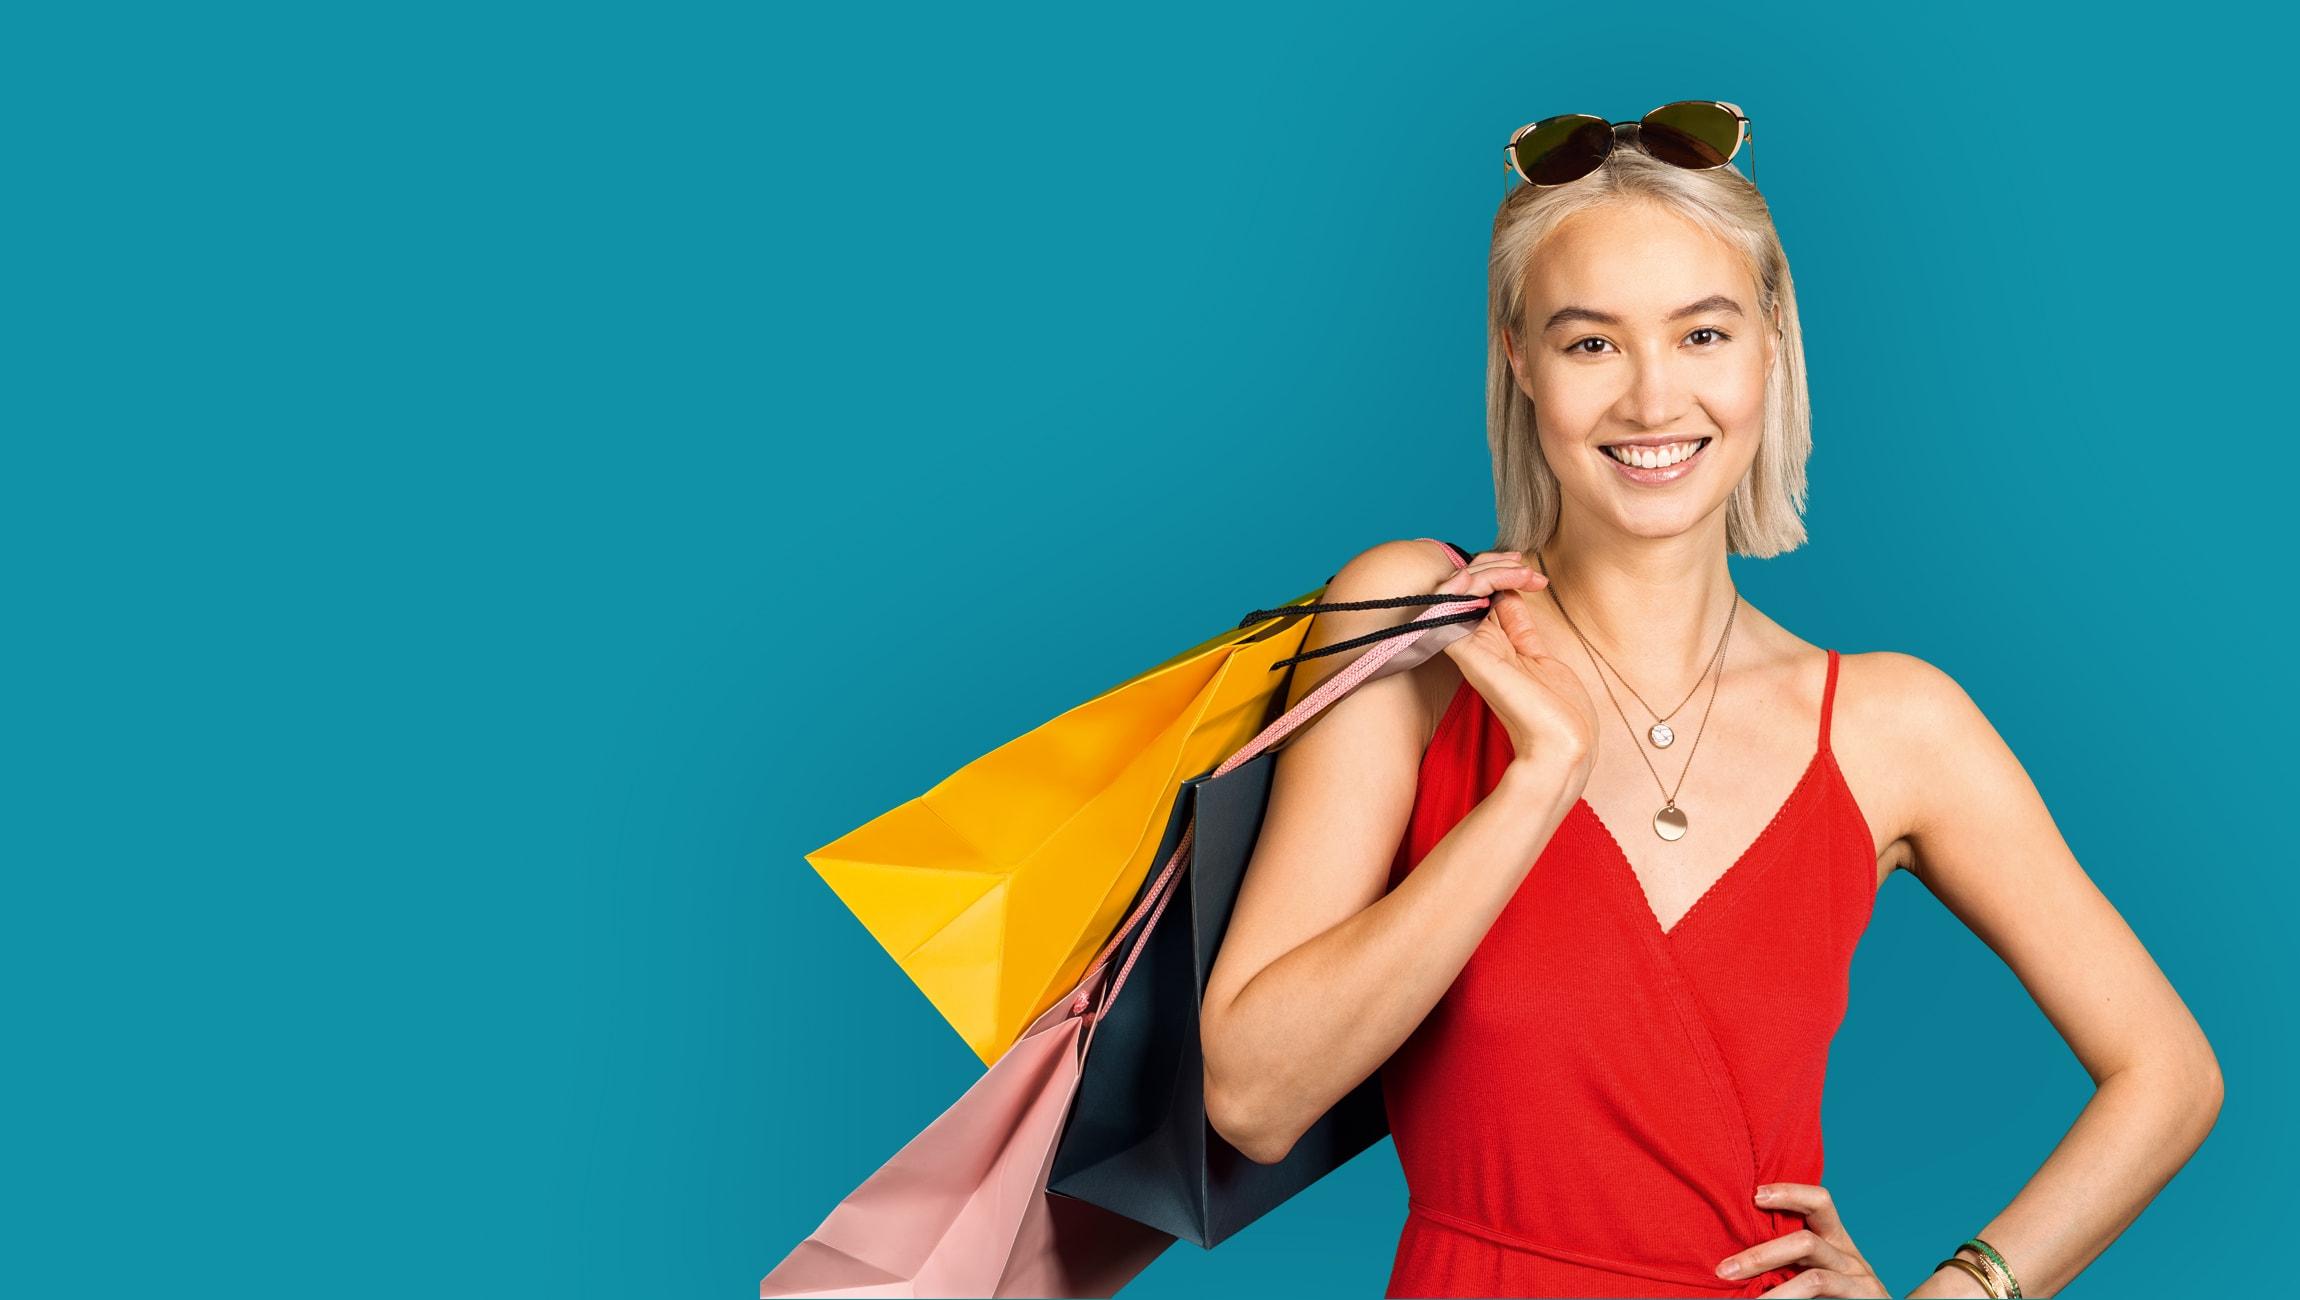 Junge Frau in Sommerkleid und mit Sonnenbrille trägt mehrere Einkaufstaschen